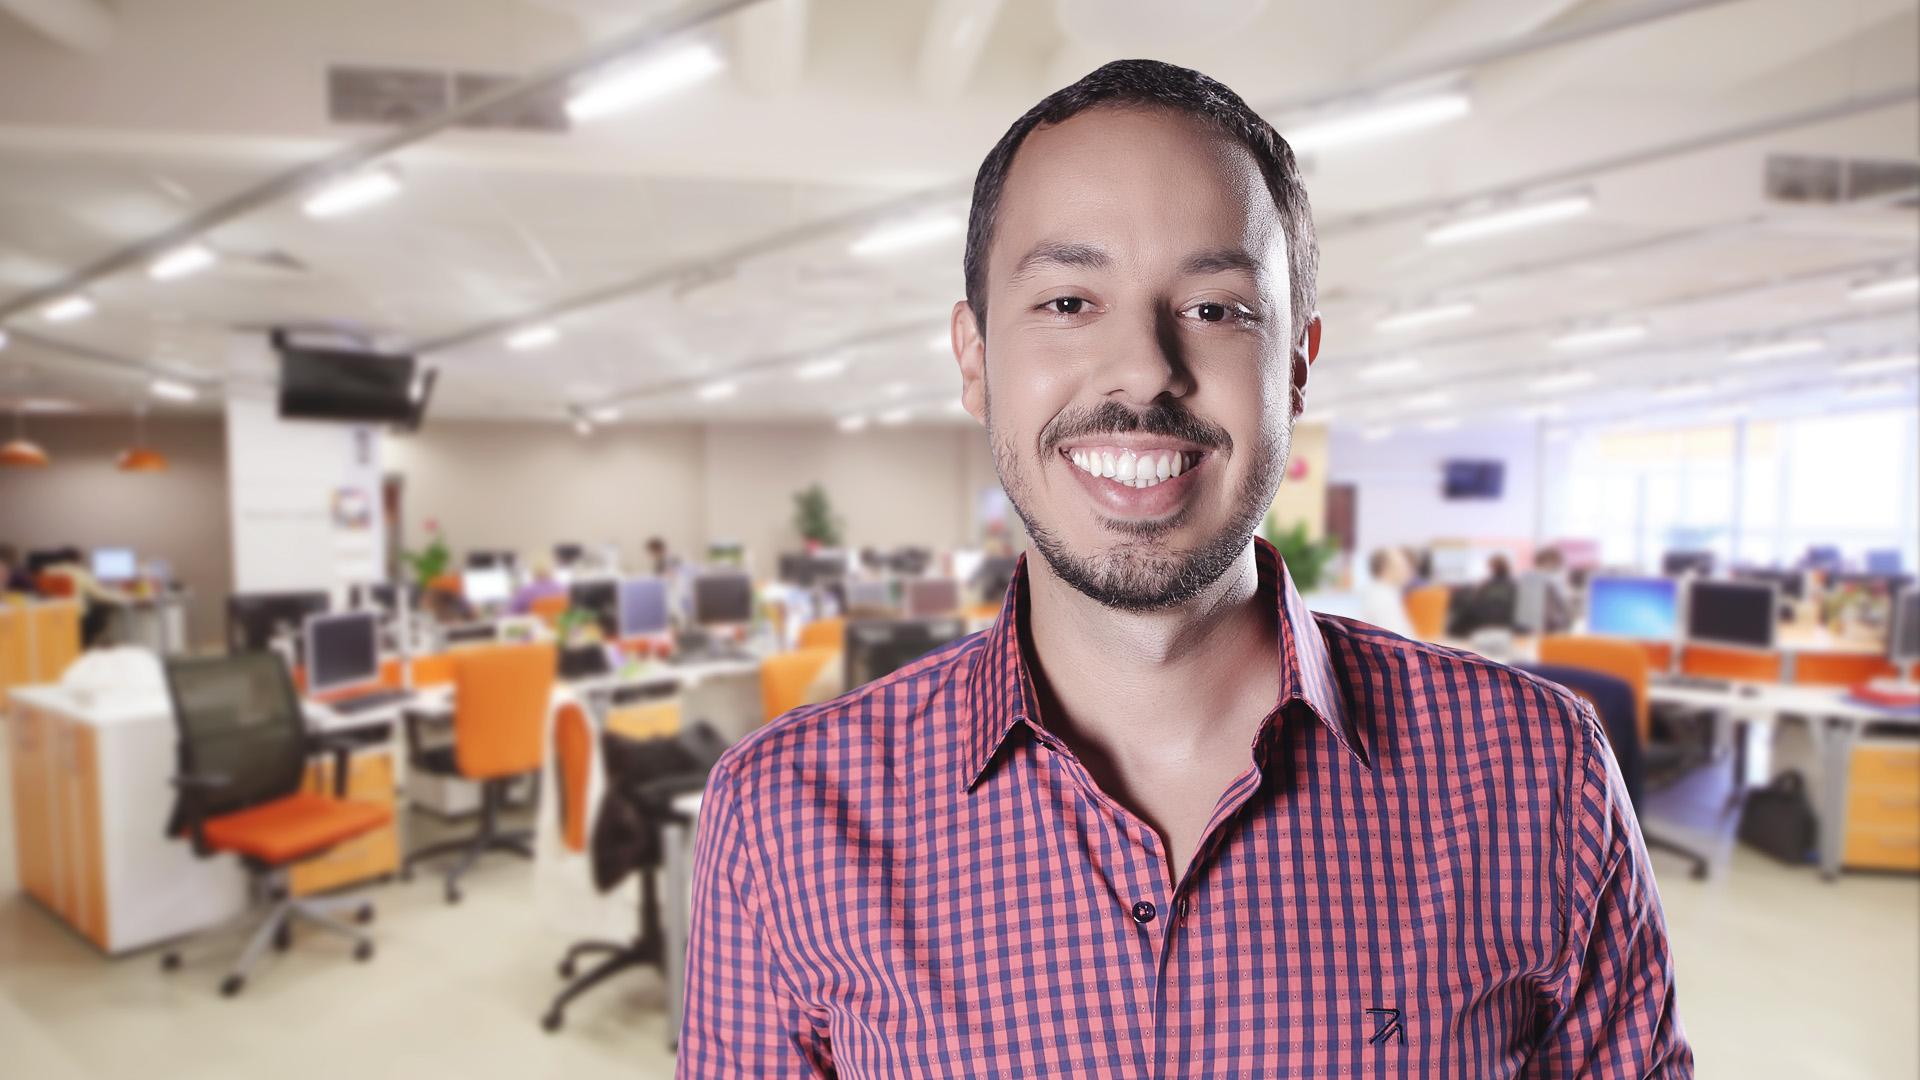 [REPORTAGEM] Você vai conhecer a história de Gustavo Caetano, considerado o Zuckerberg brasileiro